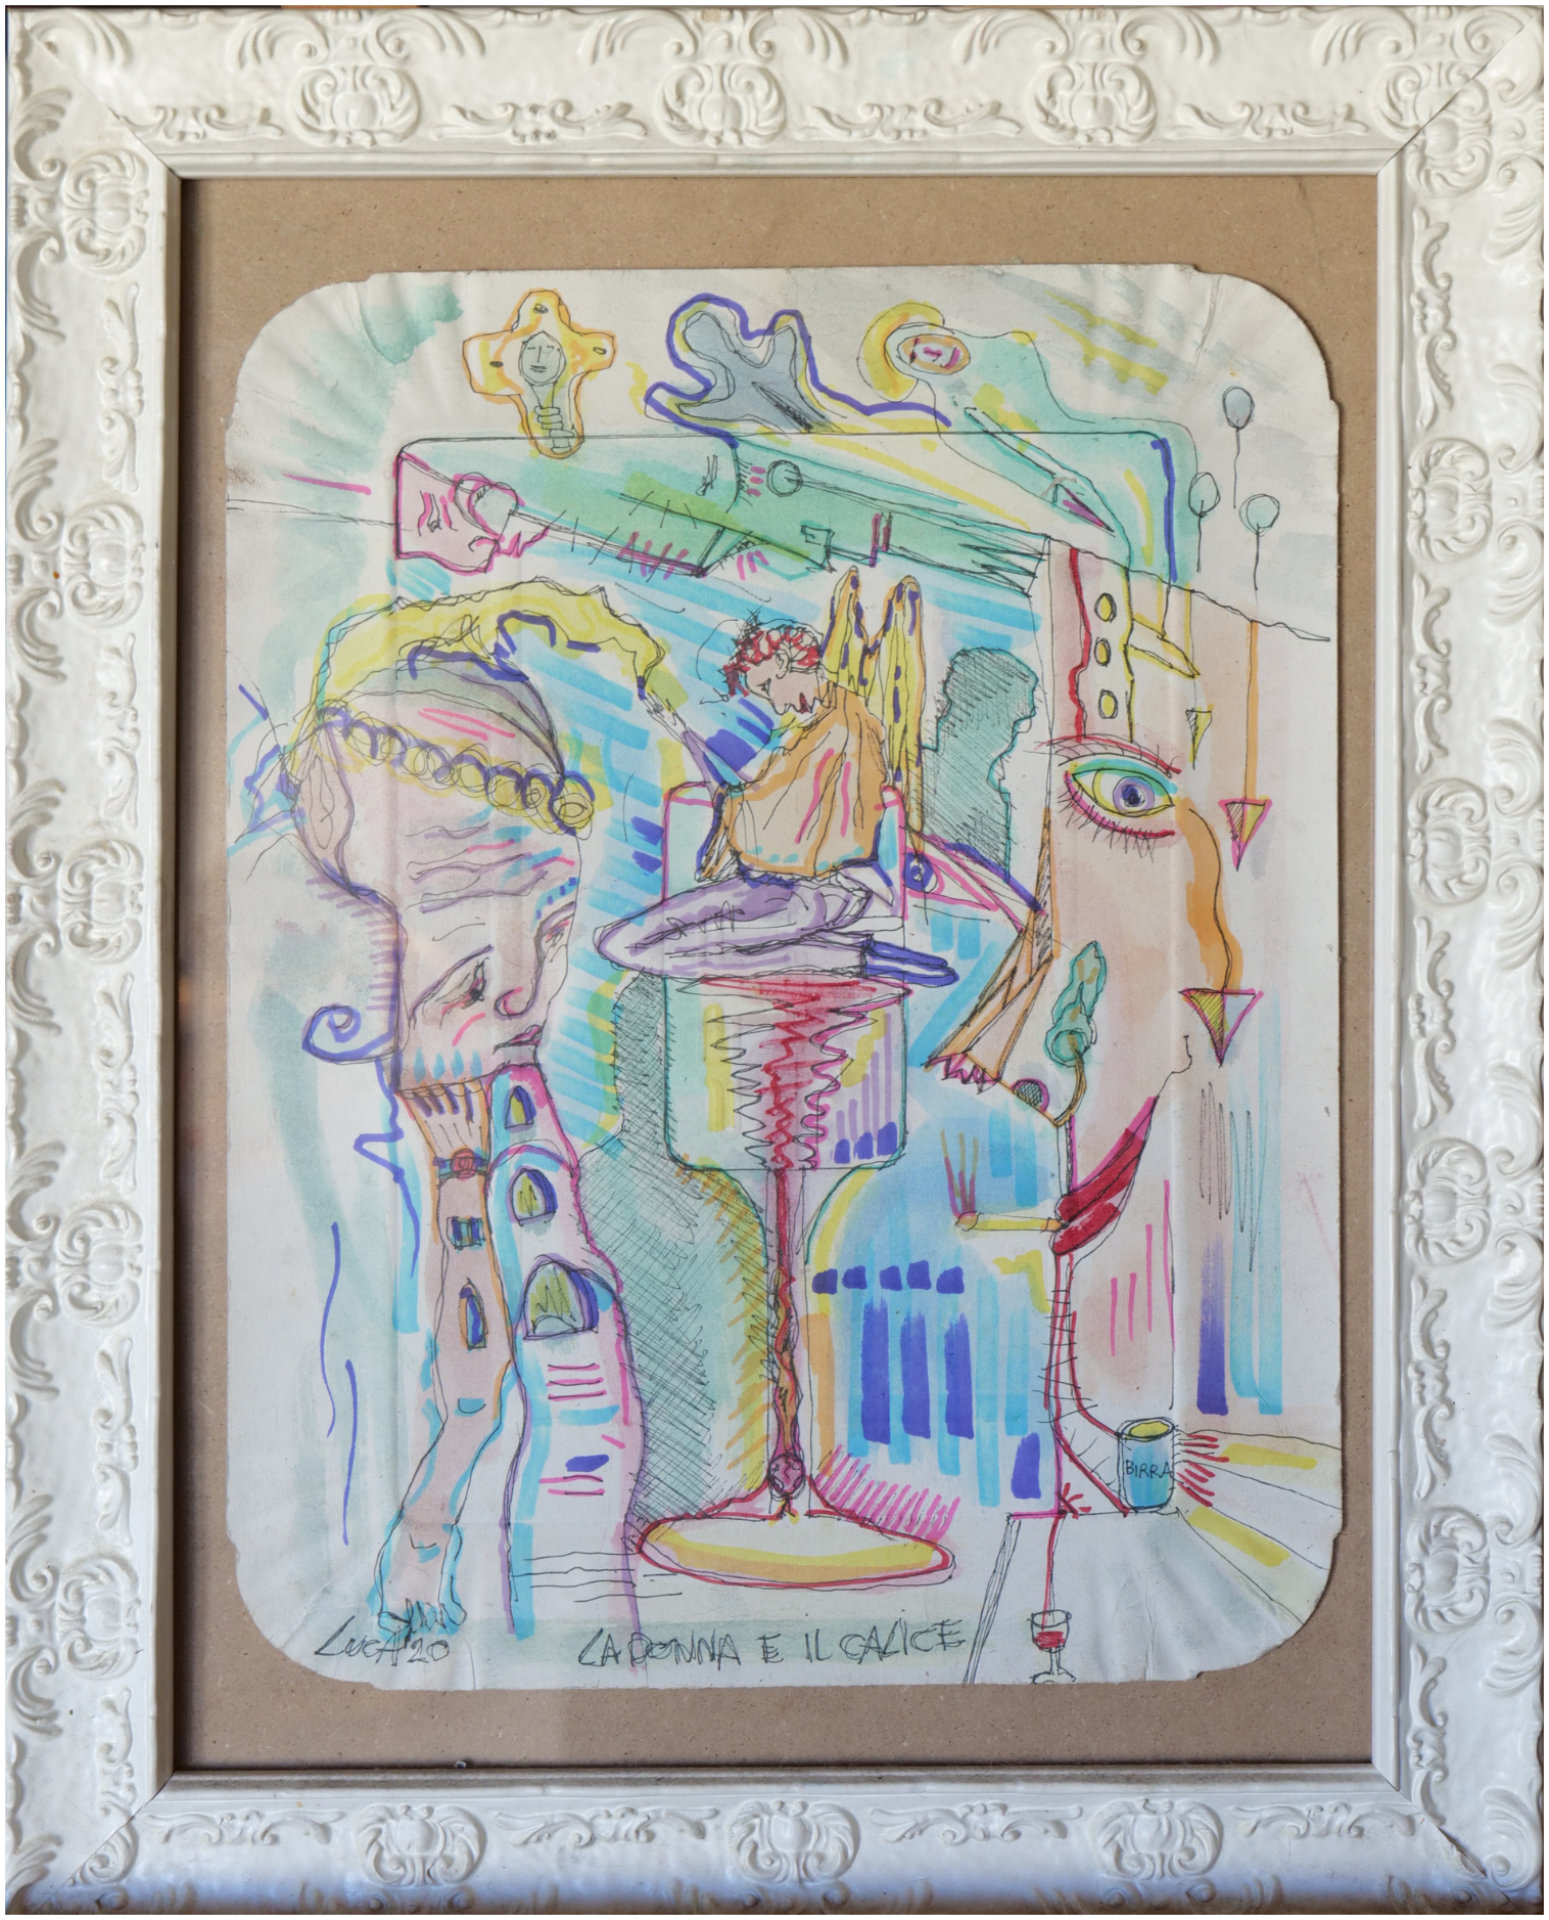 La donna e il calice - acquerello e pennarello su vassoio di cartone - 20x30